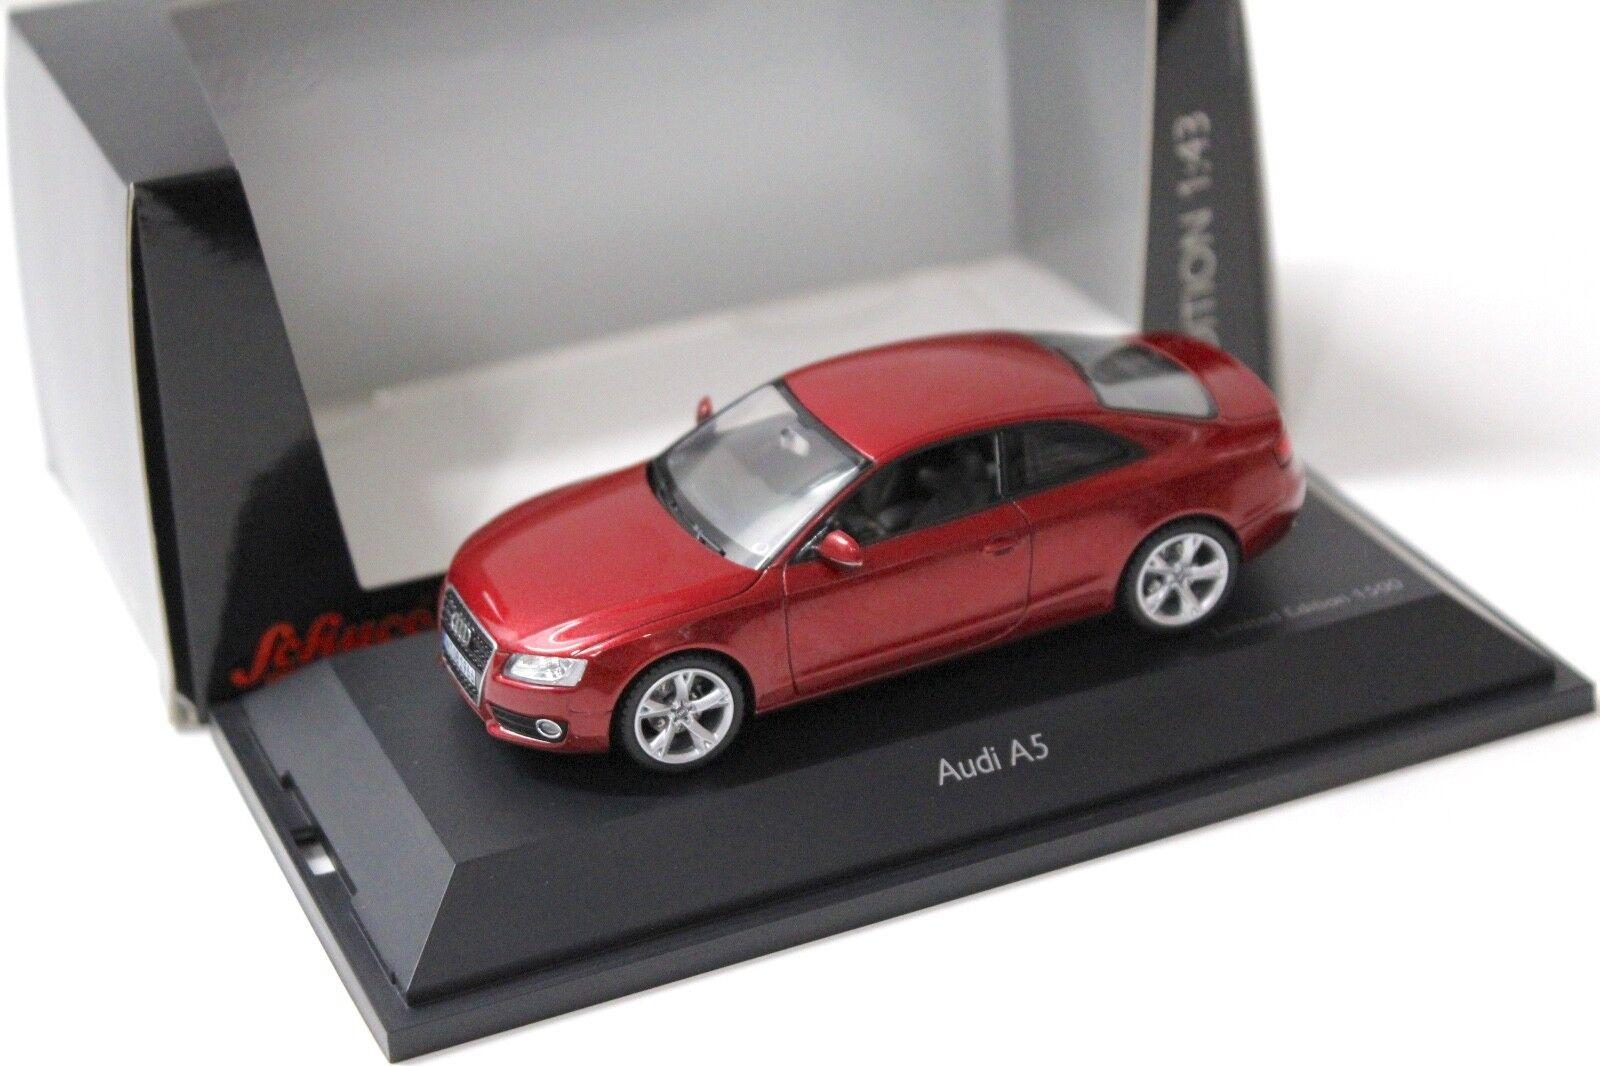 1 43 Schuco audi a5 Coupé rouge New chez Premium-modelcars